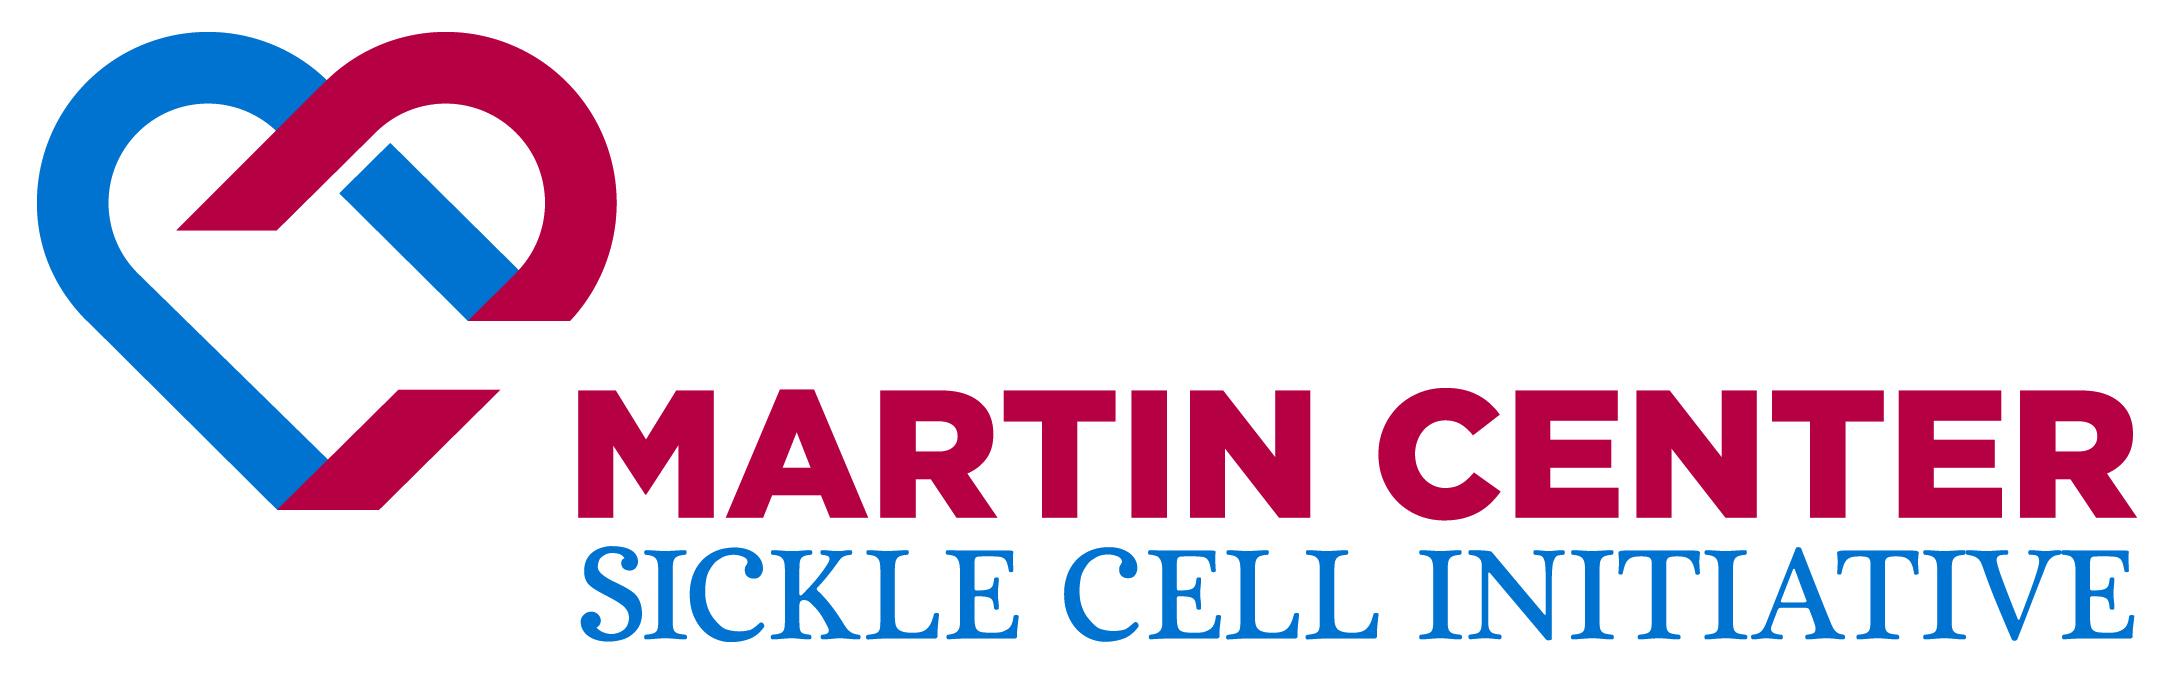 MartinCenter_Logo(NEW)